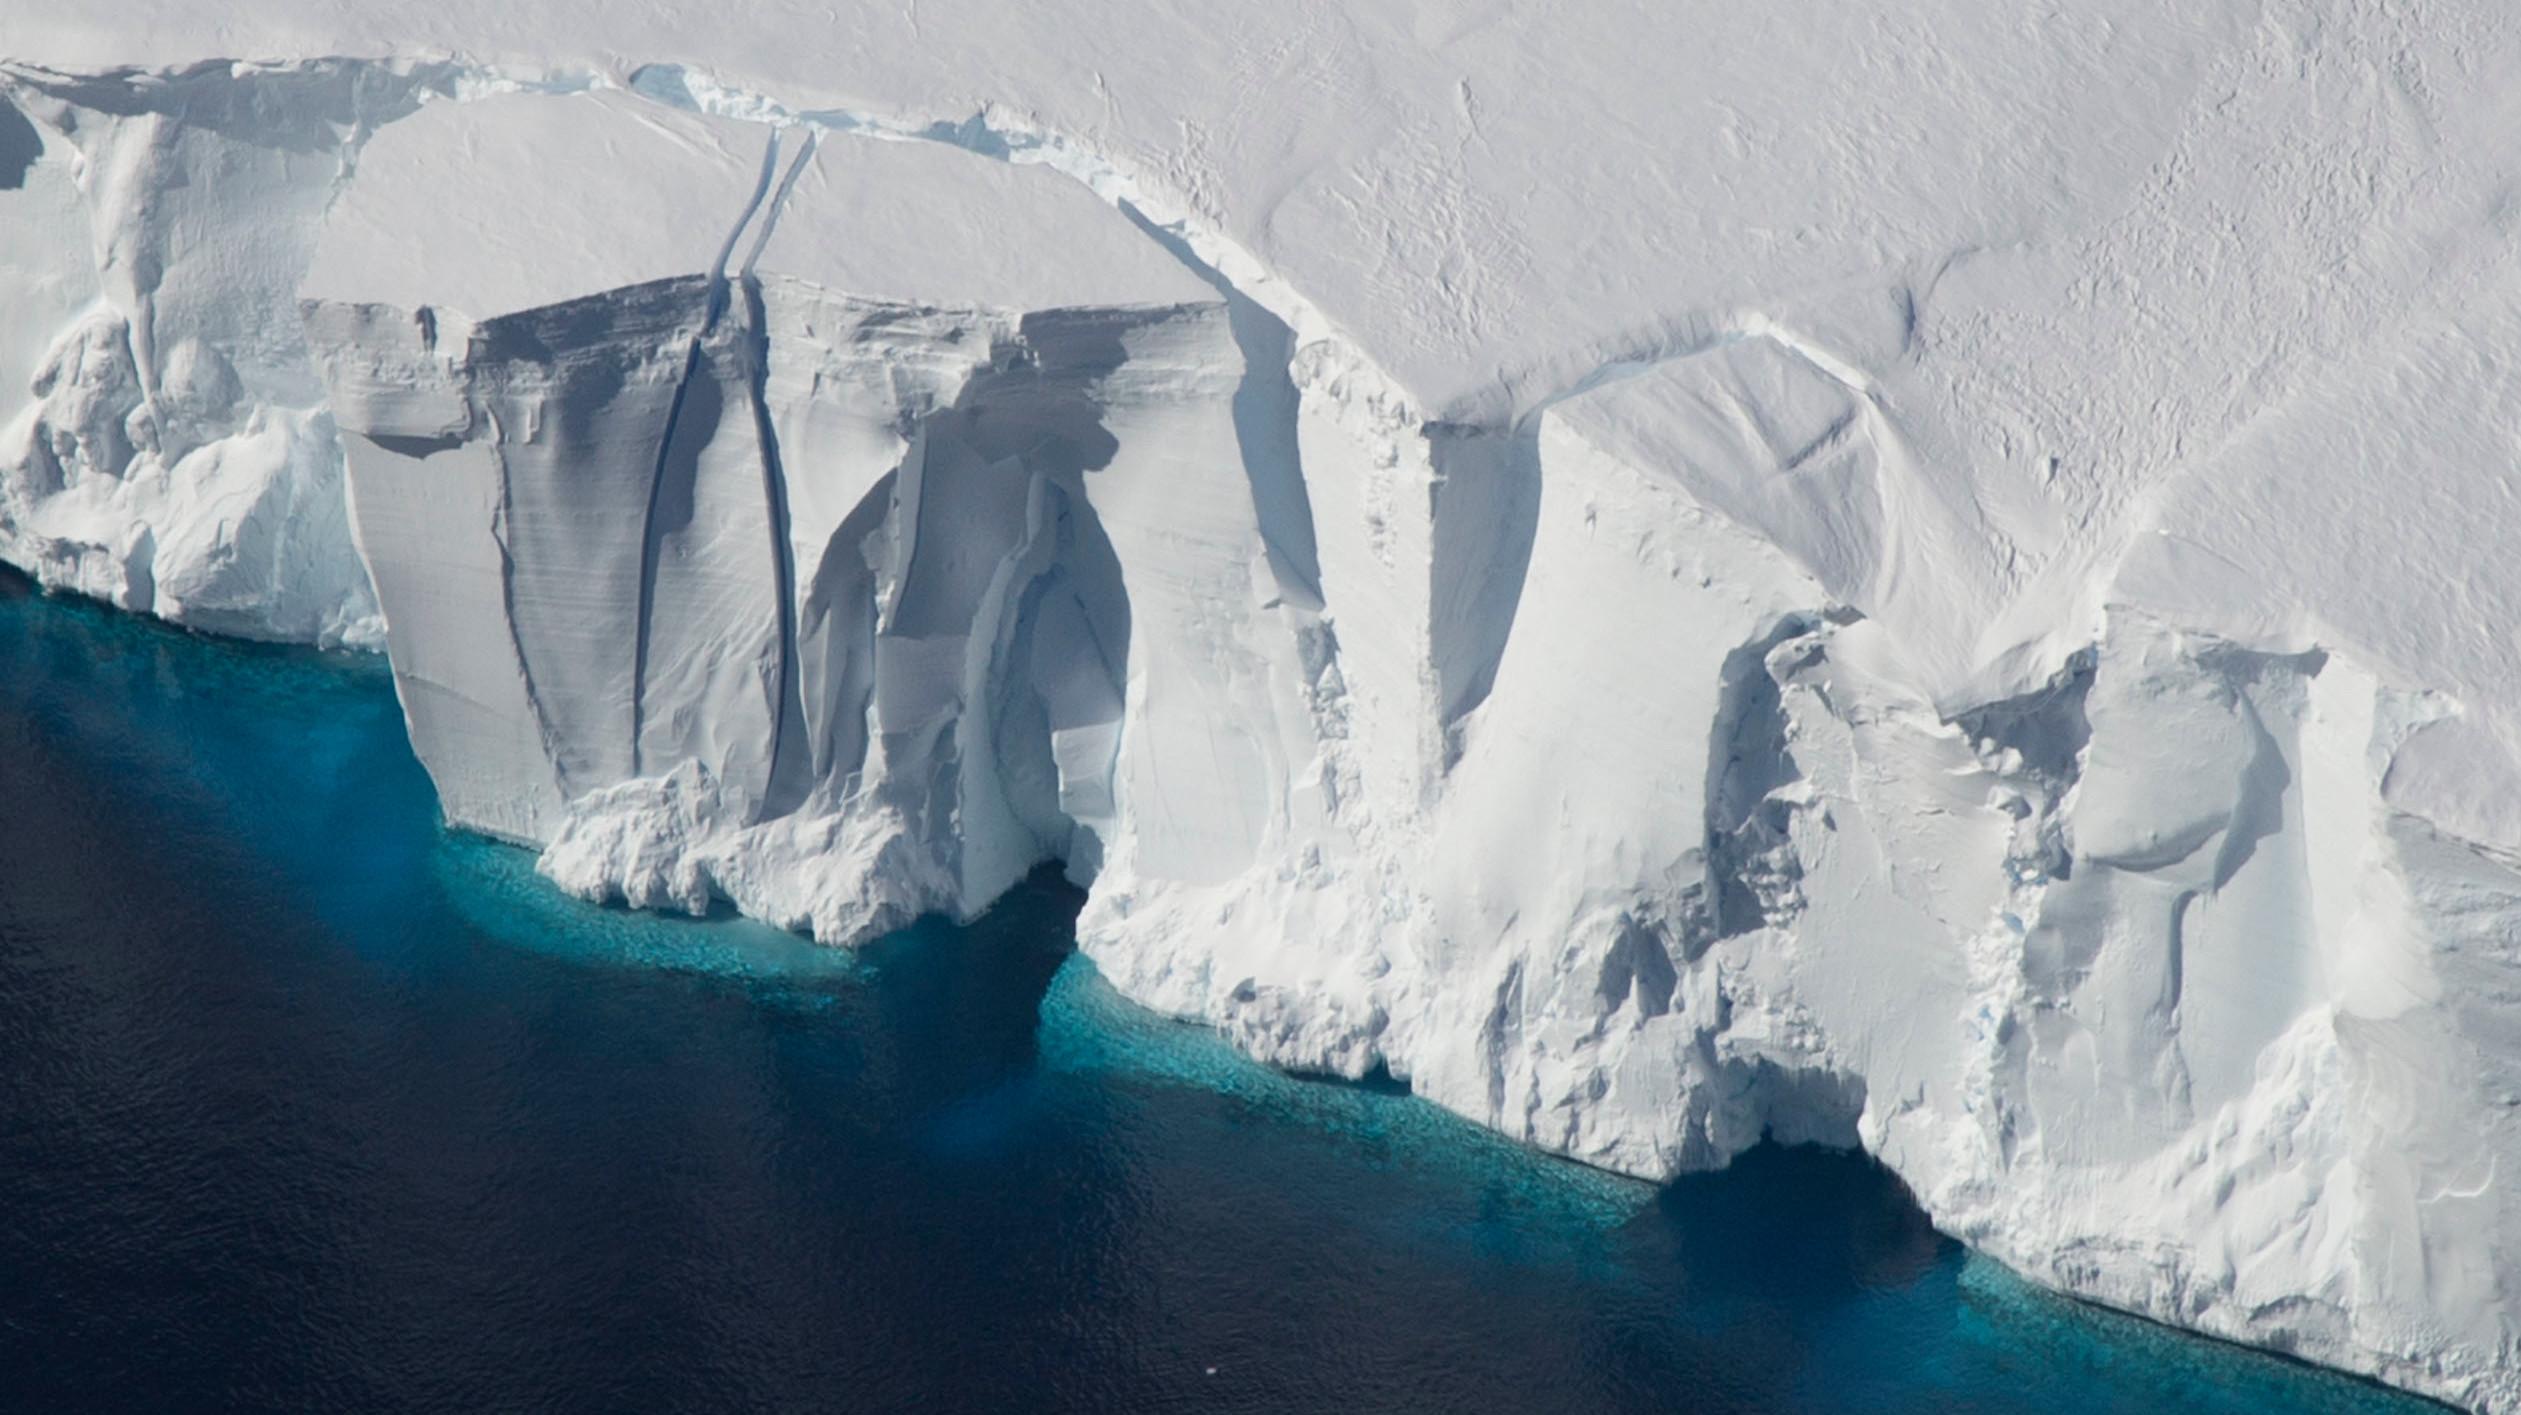 Derretimento de geleiras poderá fazer o nível do mar aumentar 38 cm até 2100